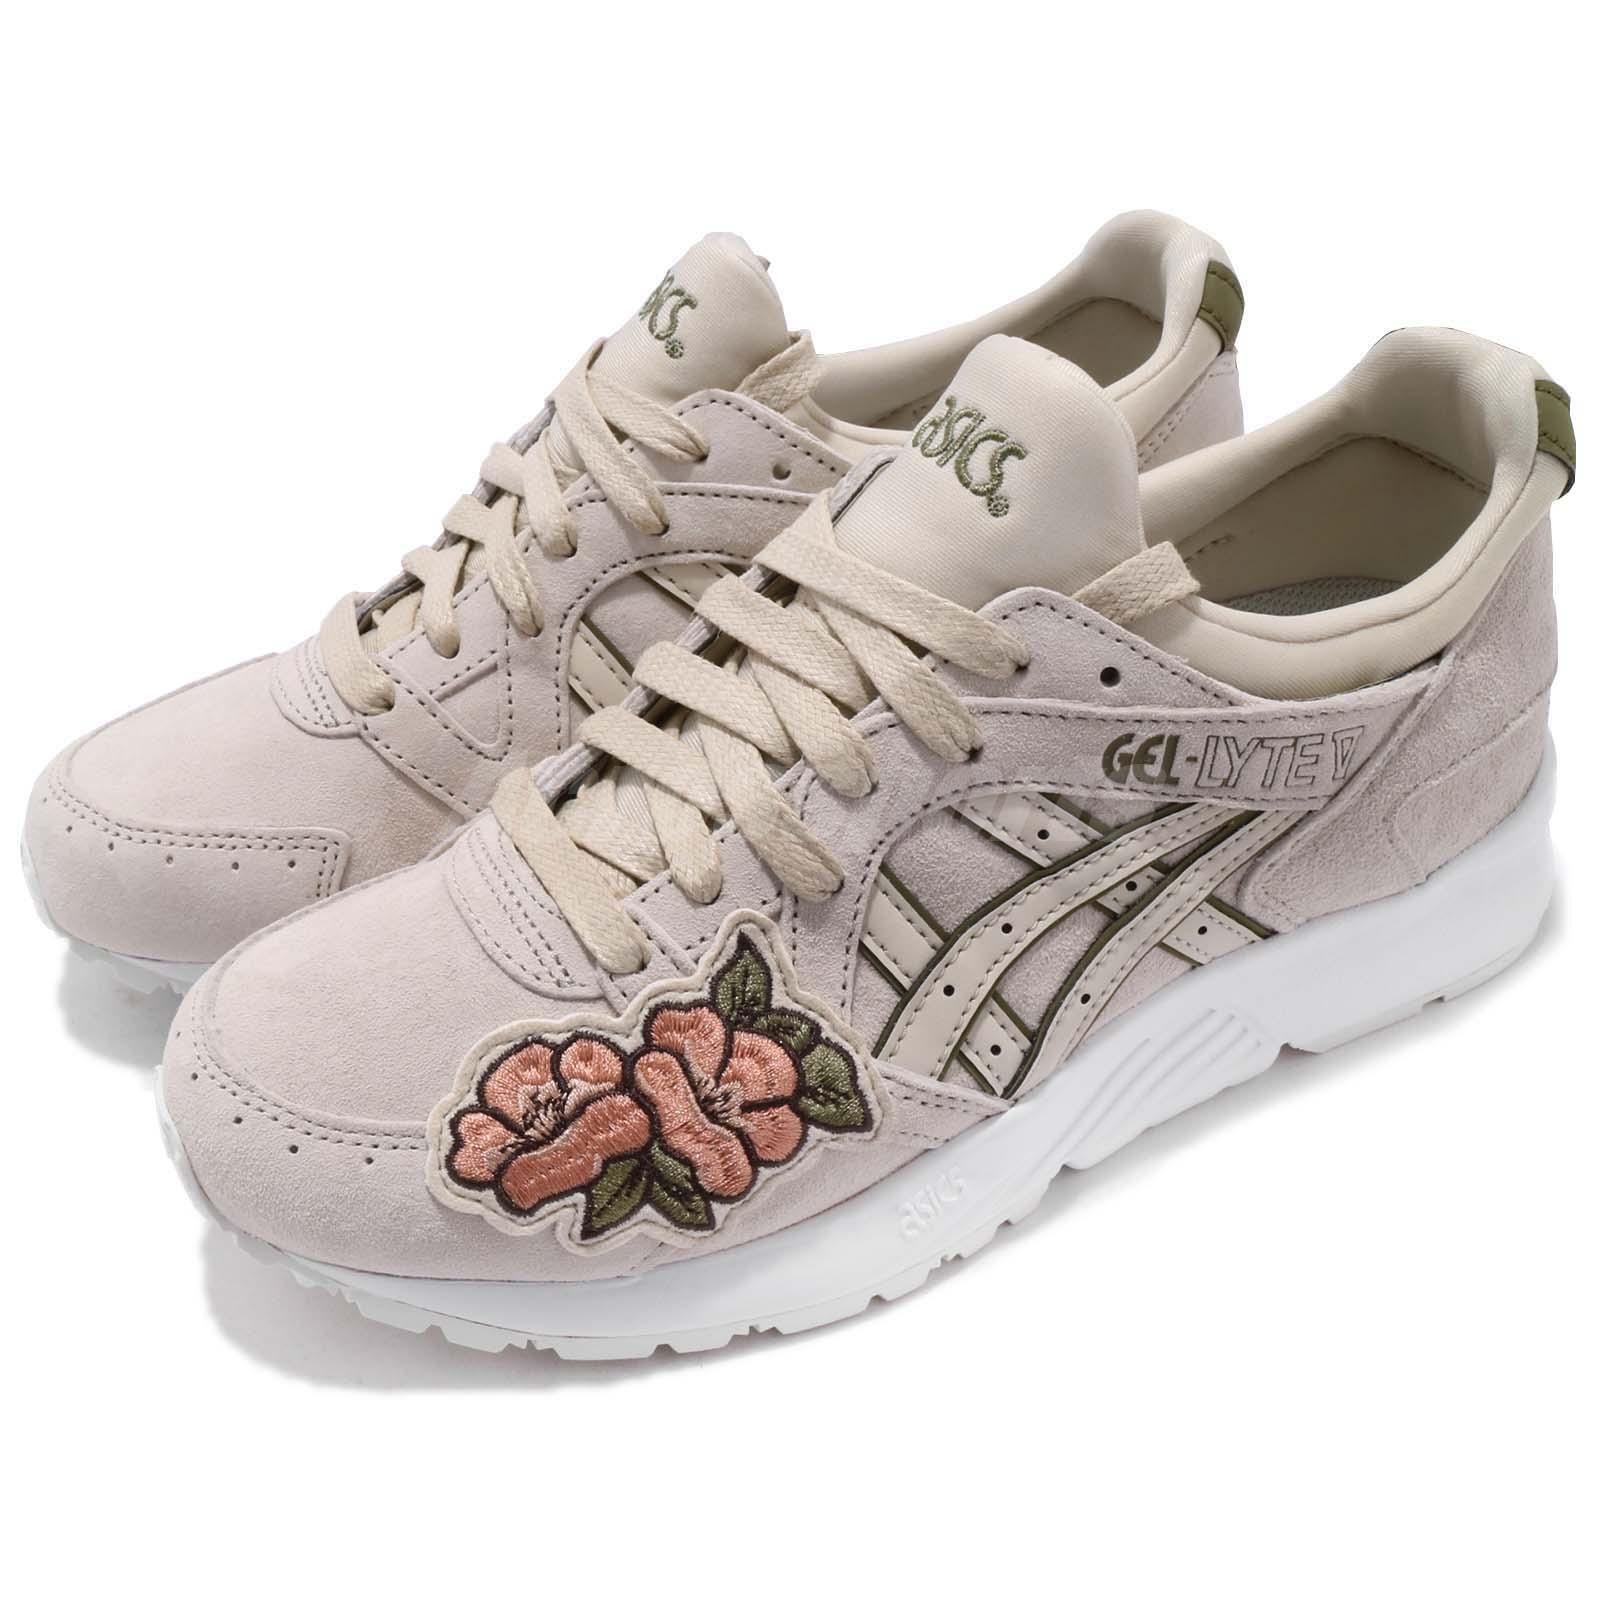 Asics Tiger GelLyte V Birch bianca Floral Men donna Running scarpe da ginnastica H8G5L0202